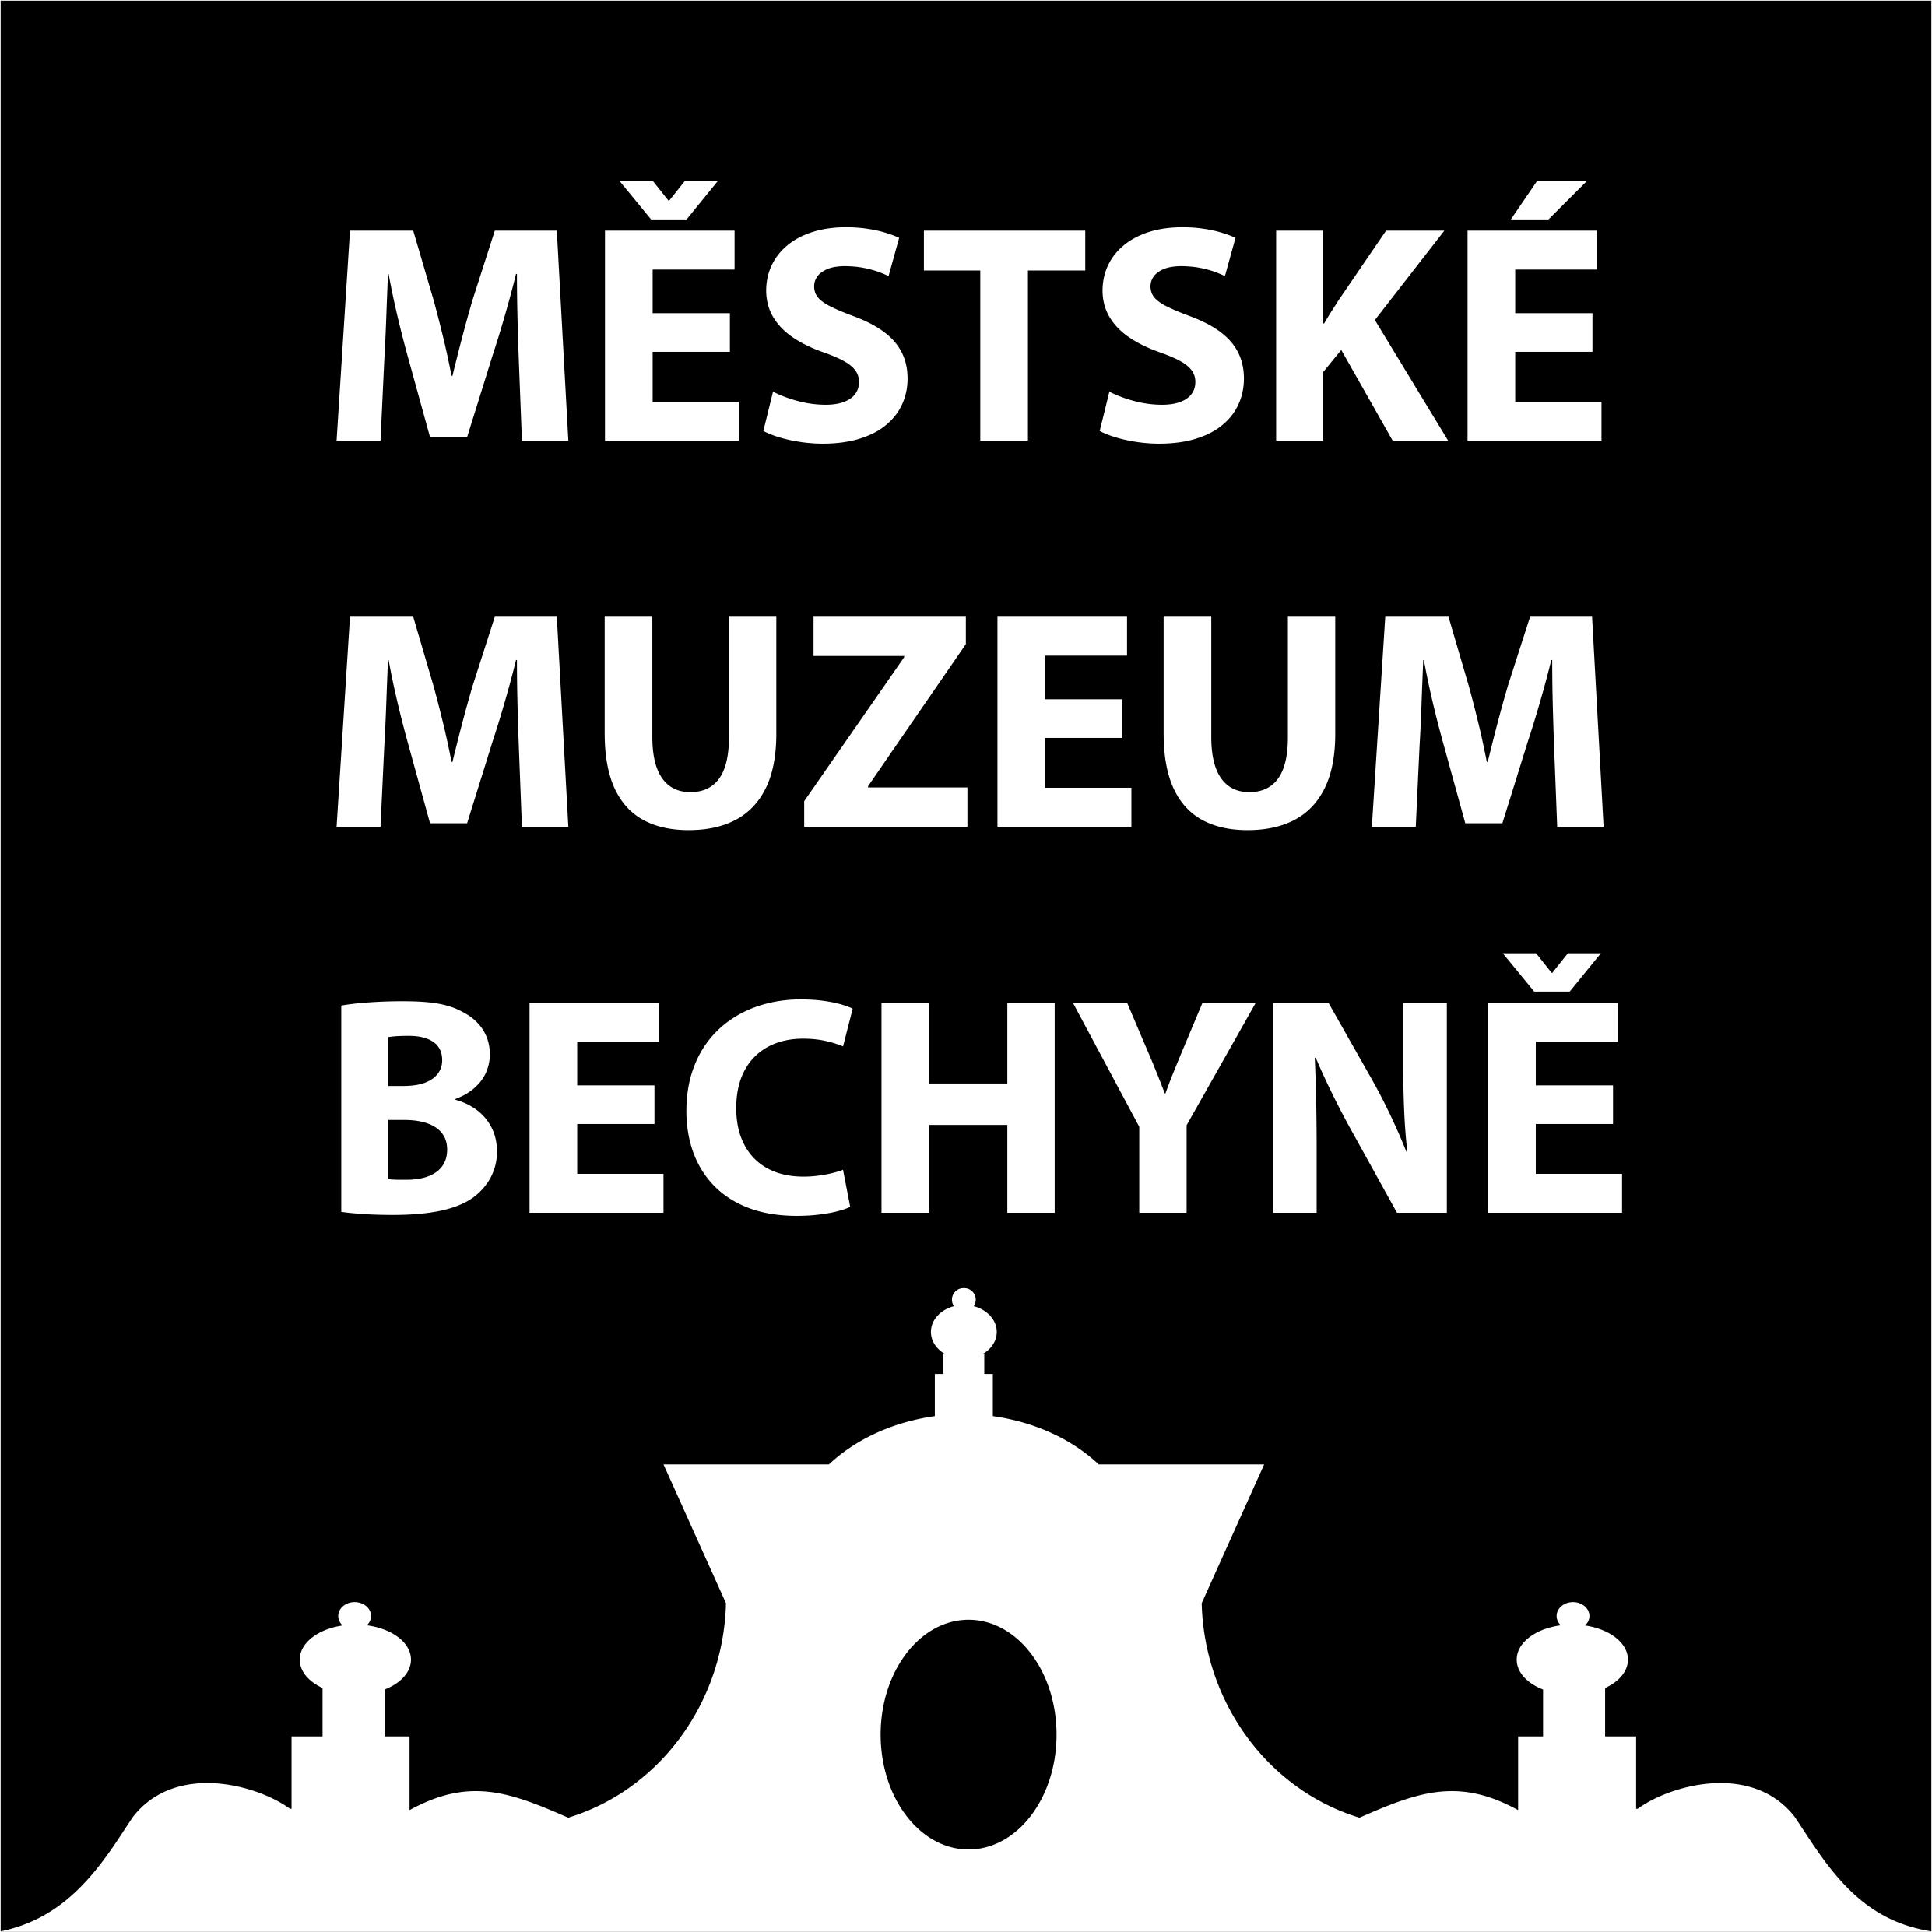 Městské muzeum Bechyně